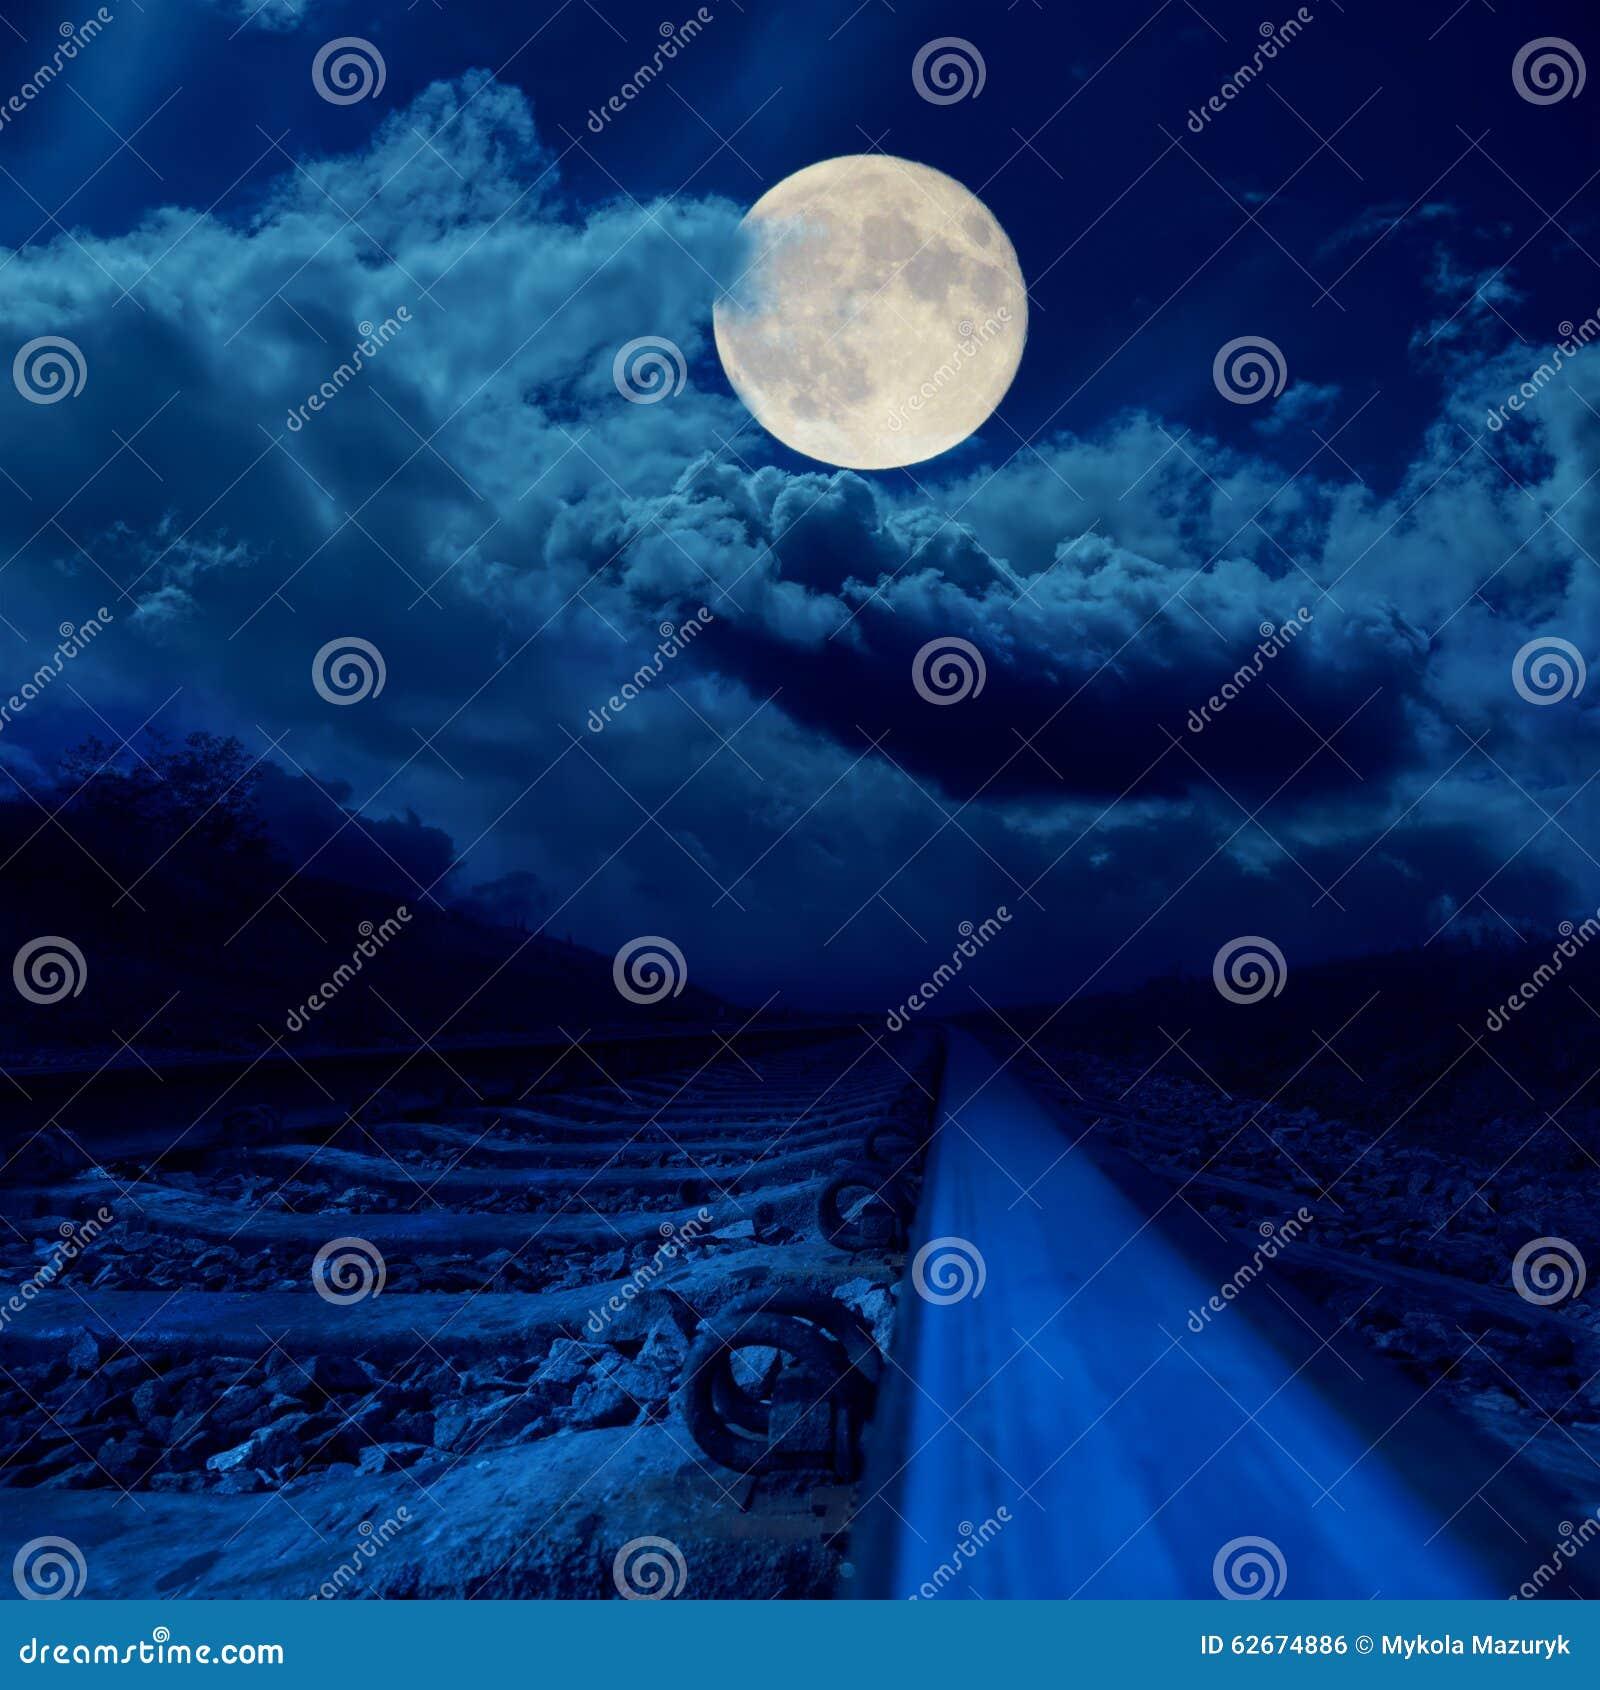 Spoorweg in nacht onder volle maan in wolken